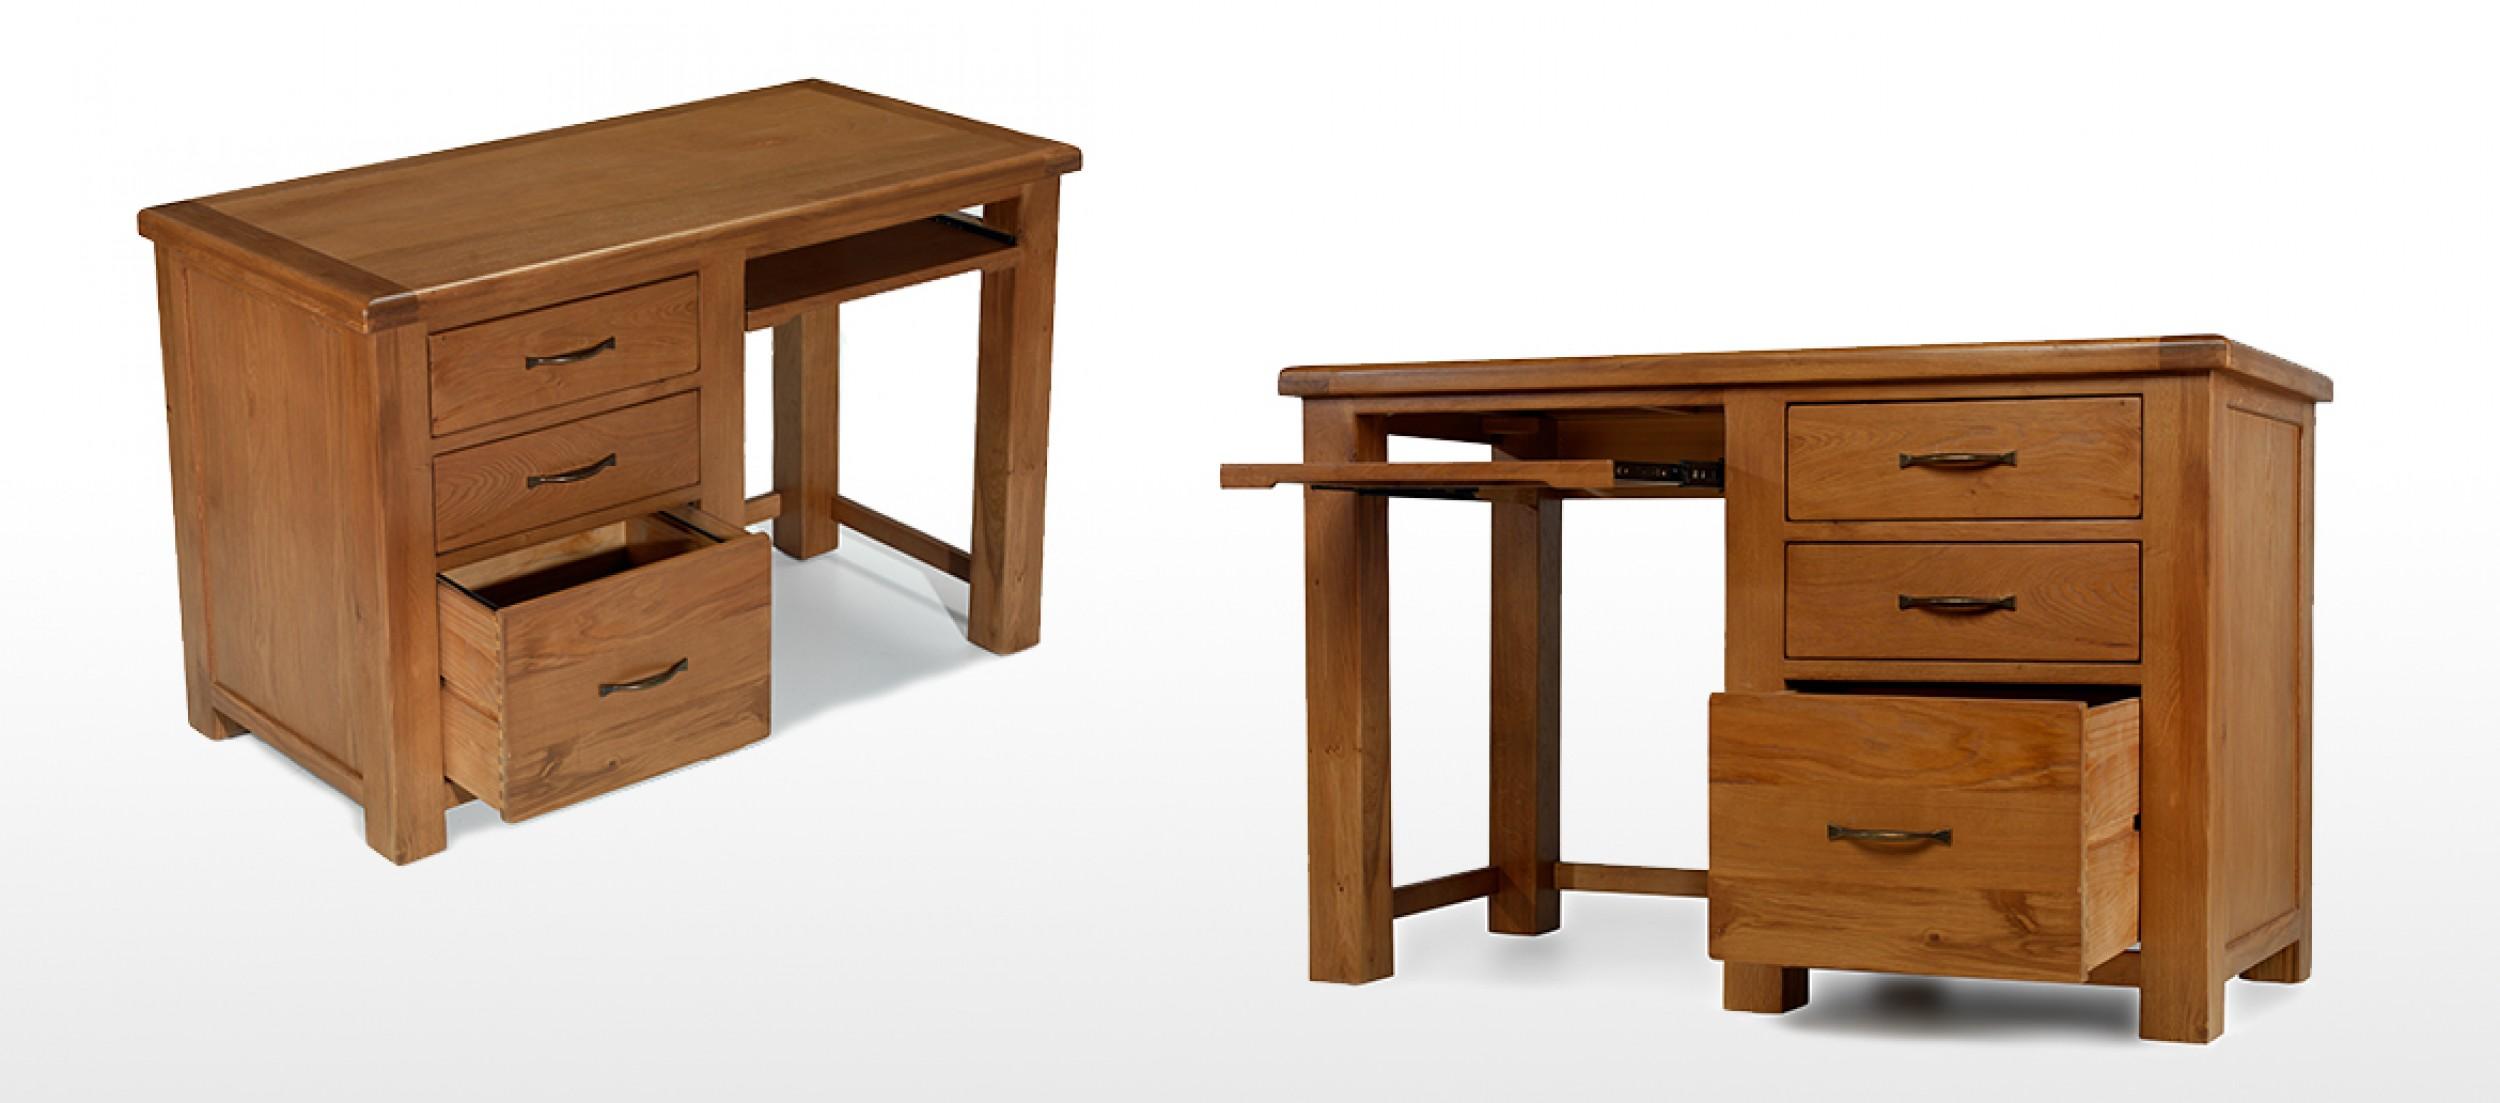 Barham oak office desk quercus living - Oak office desk ...